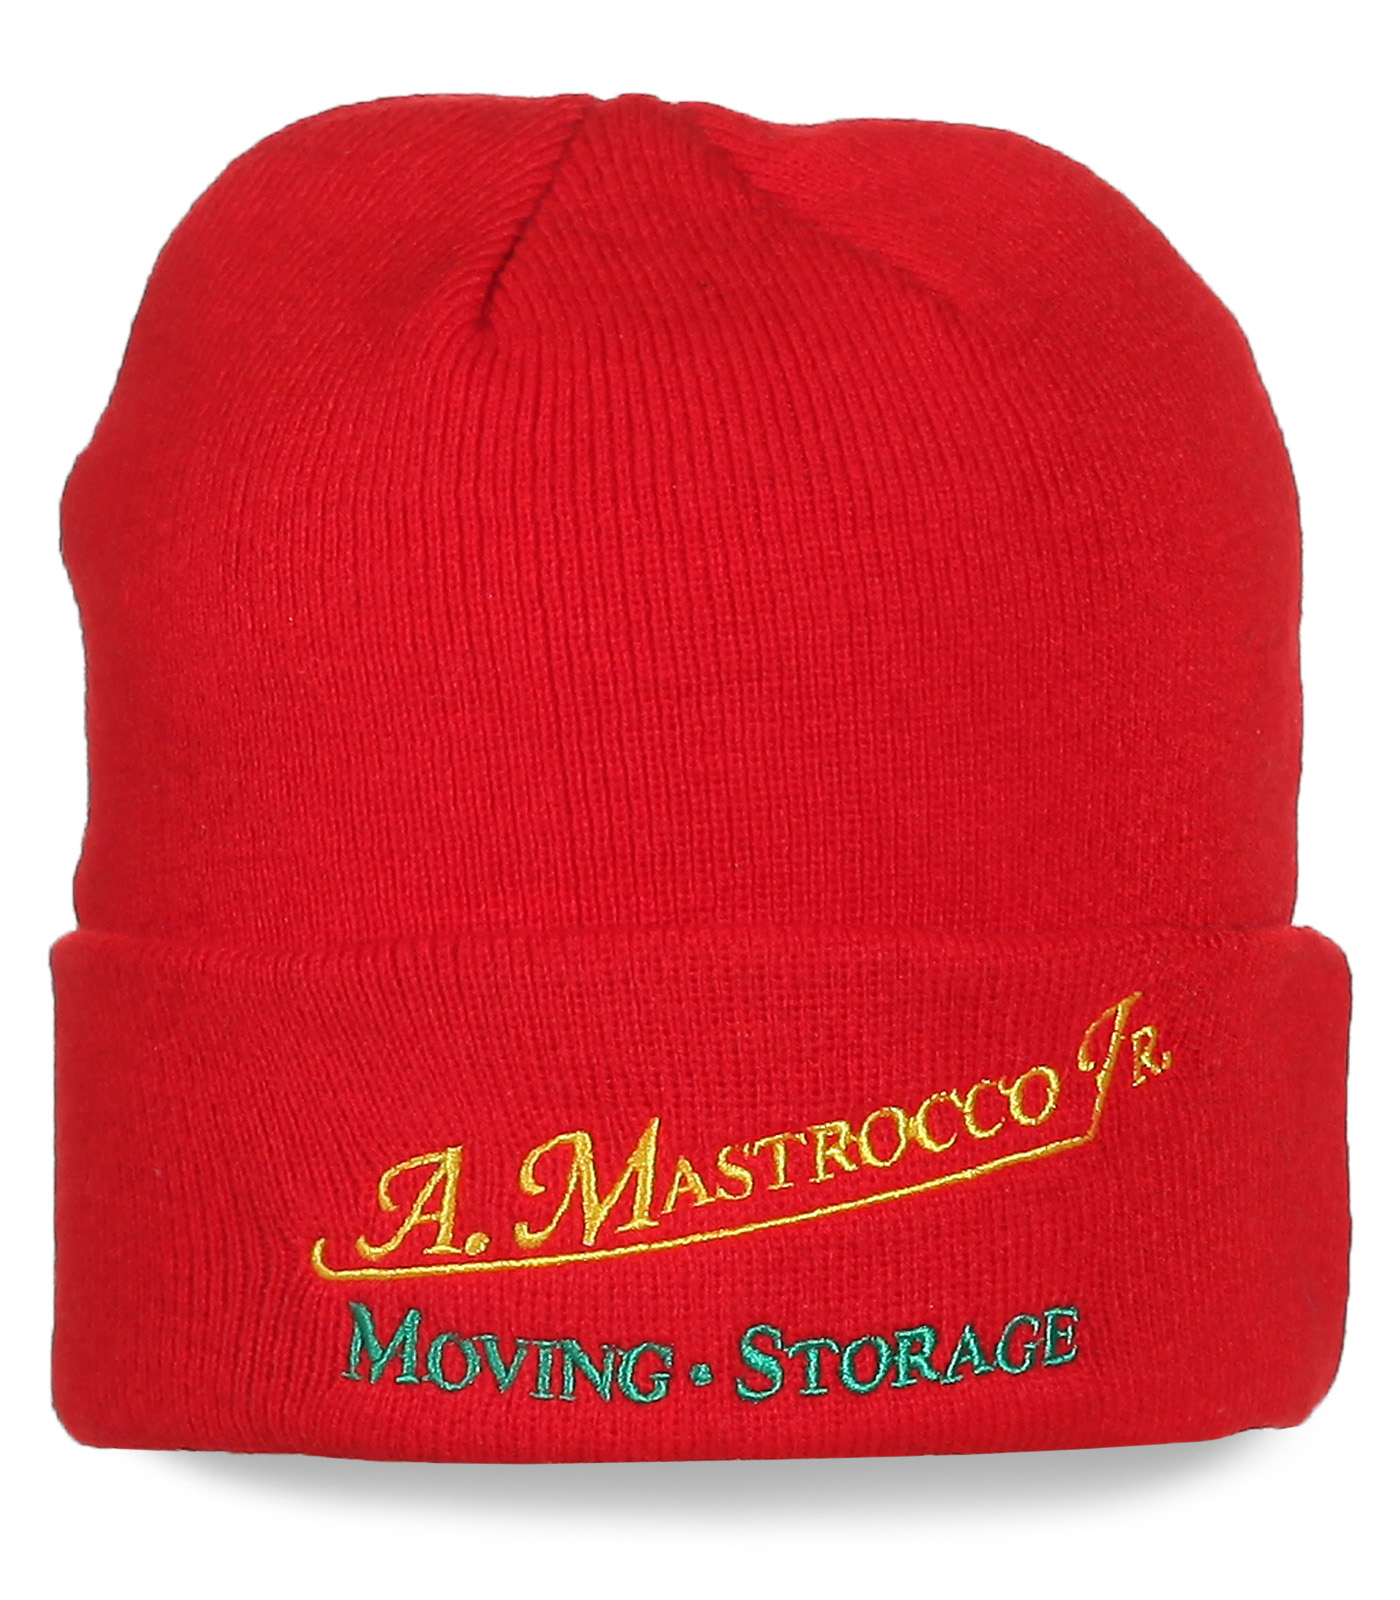 Фирменная шапка A. Mastrocco. Moving Storage. Качественная вещь для любой цели